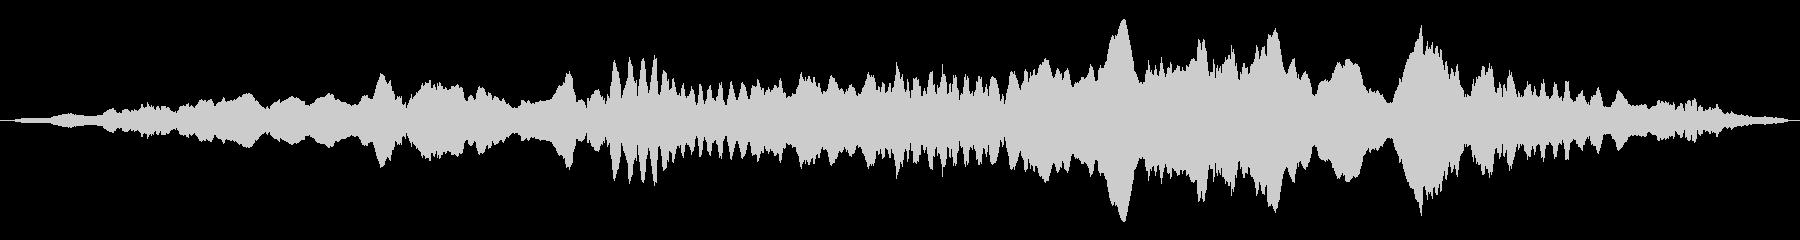 ドローン オルガンドローン01の未再生の波形